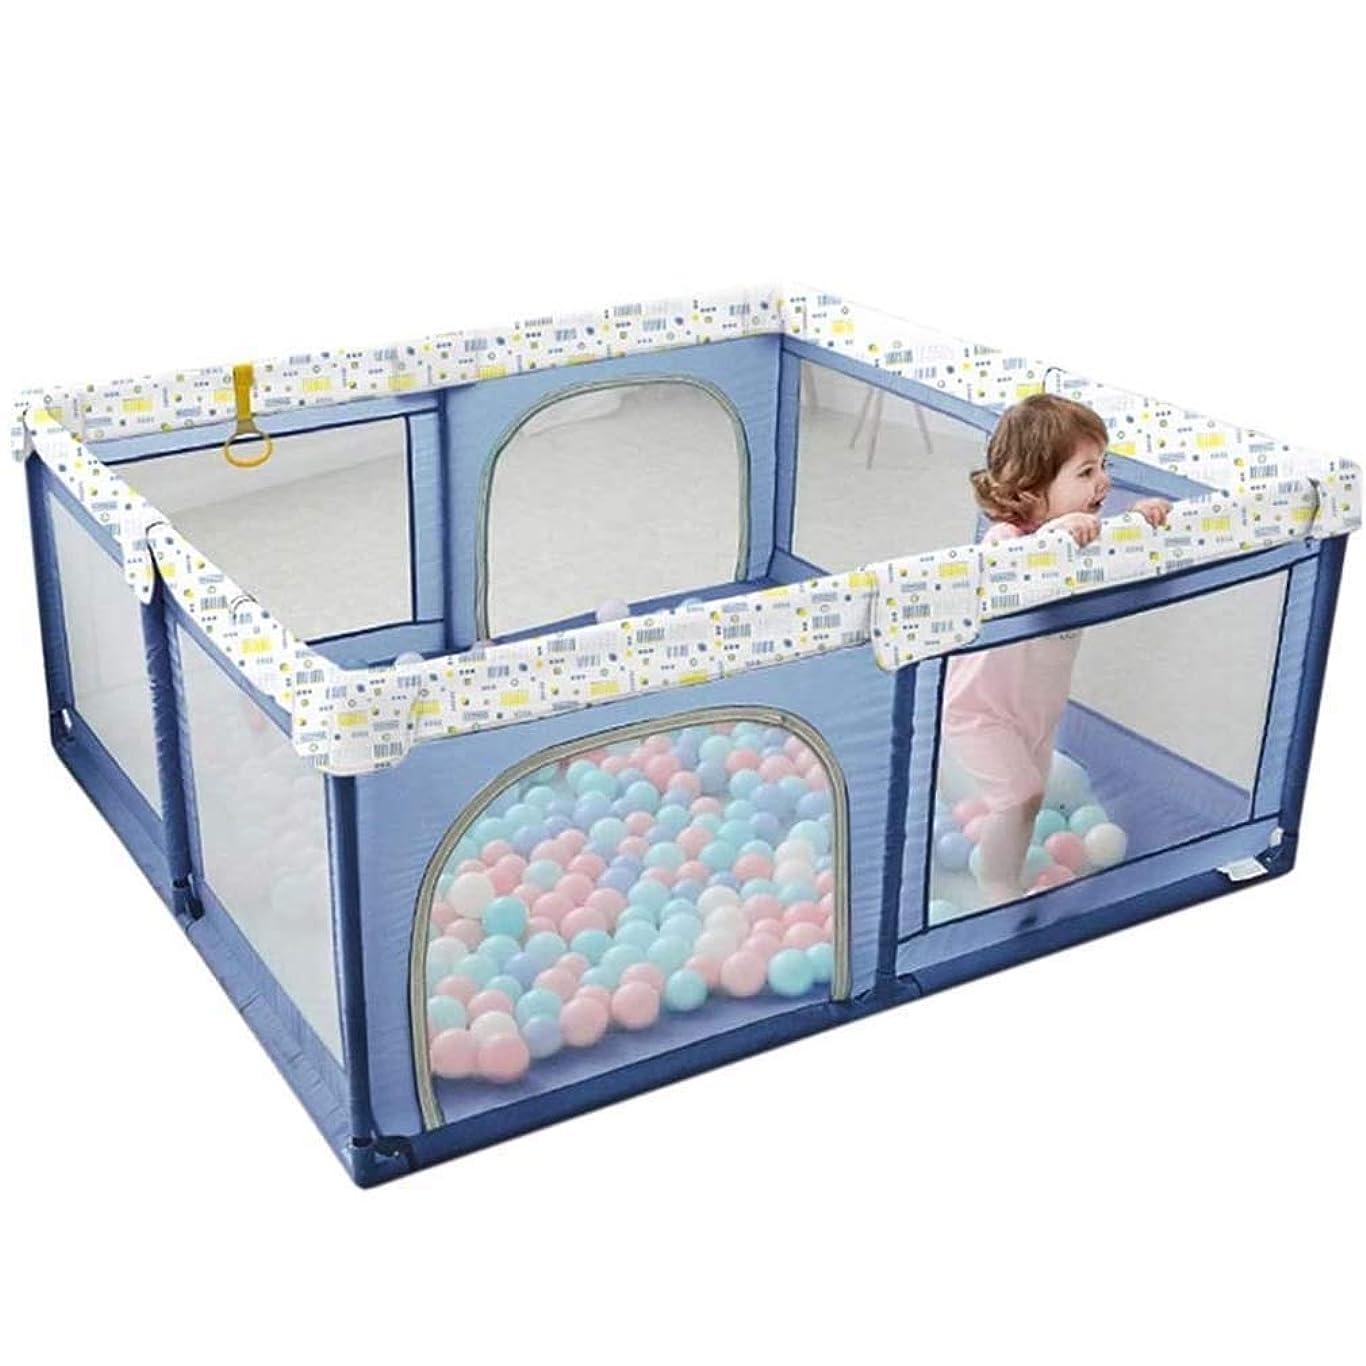 株式ビクターパールポータブルプレイヤードベビーサークル、幼児用特大プレイヤードは、子供の安全は庭&アクティビティセンター、幼児のための抗秋のプレイペンを再生します (Size : 180x200cm/71x79in)